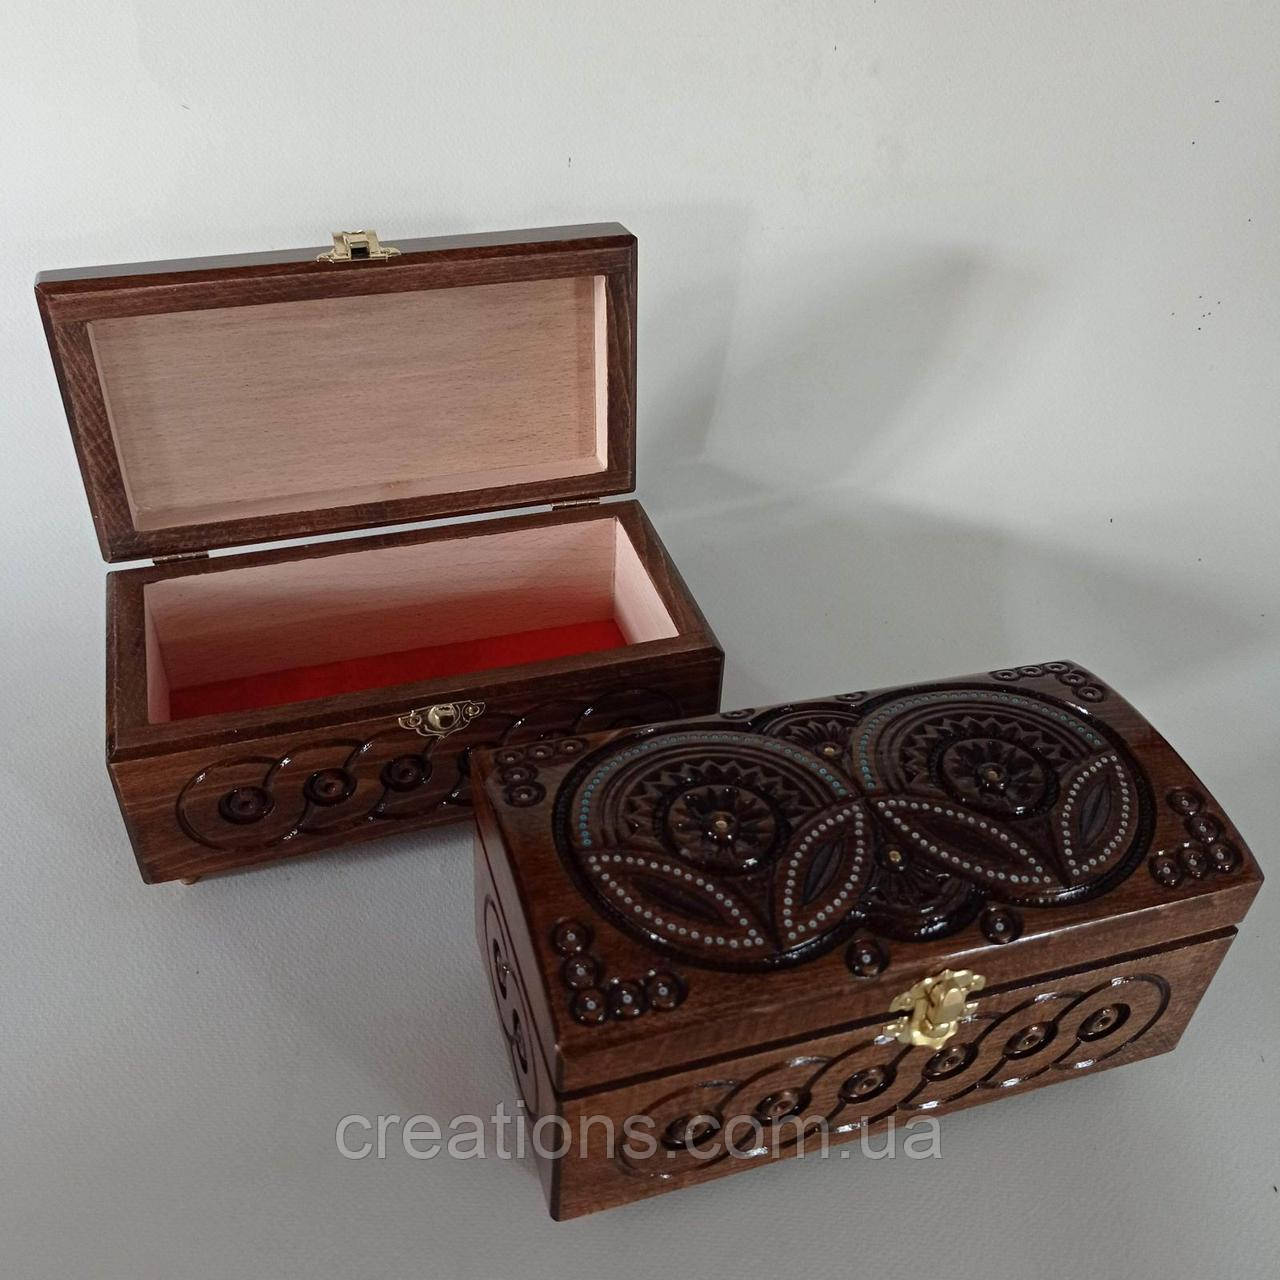 Шкатулка деревянная резная 21*10.5 для украшений, ручная работа